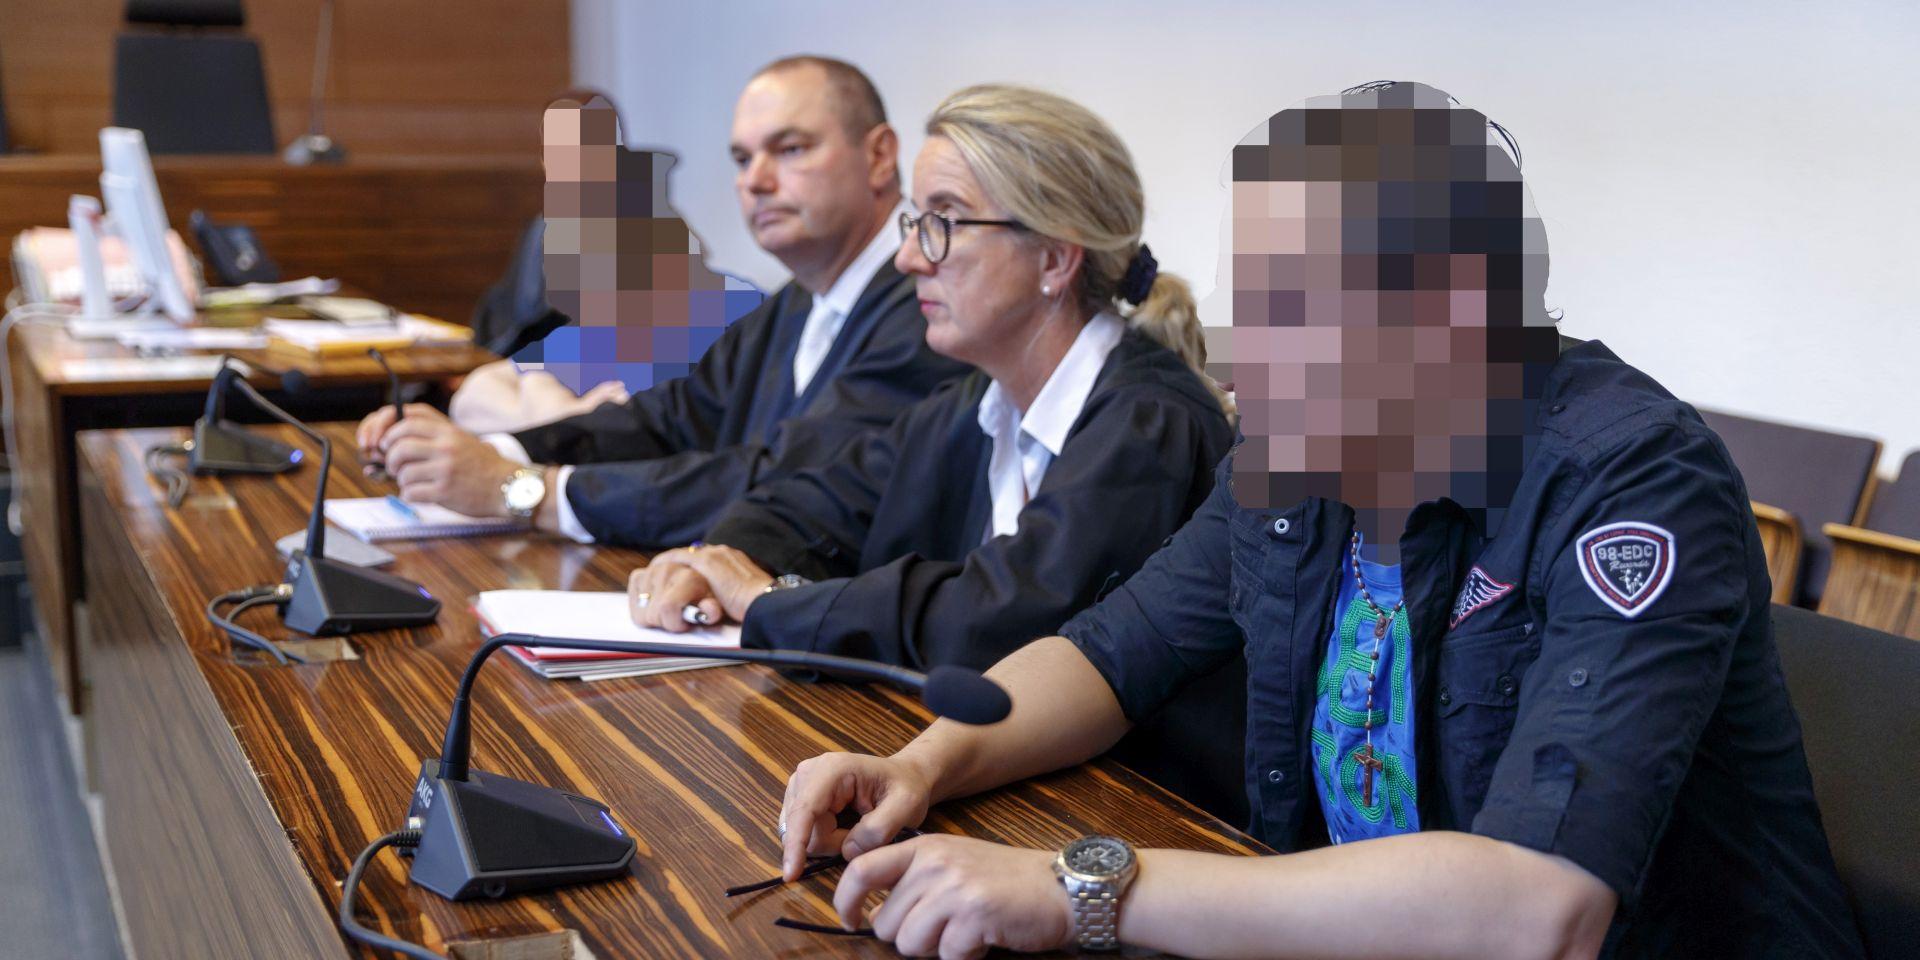 Njemačkom paru 12 godina zatvora, prodavali sina na darknetu